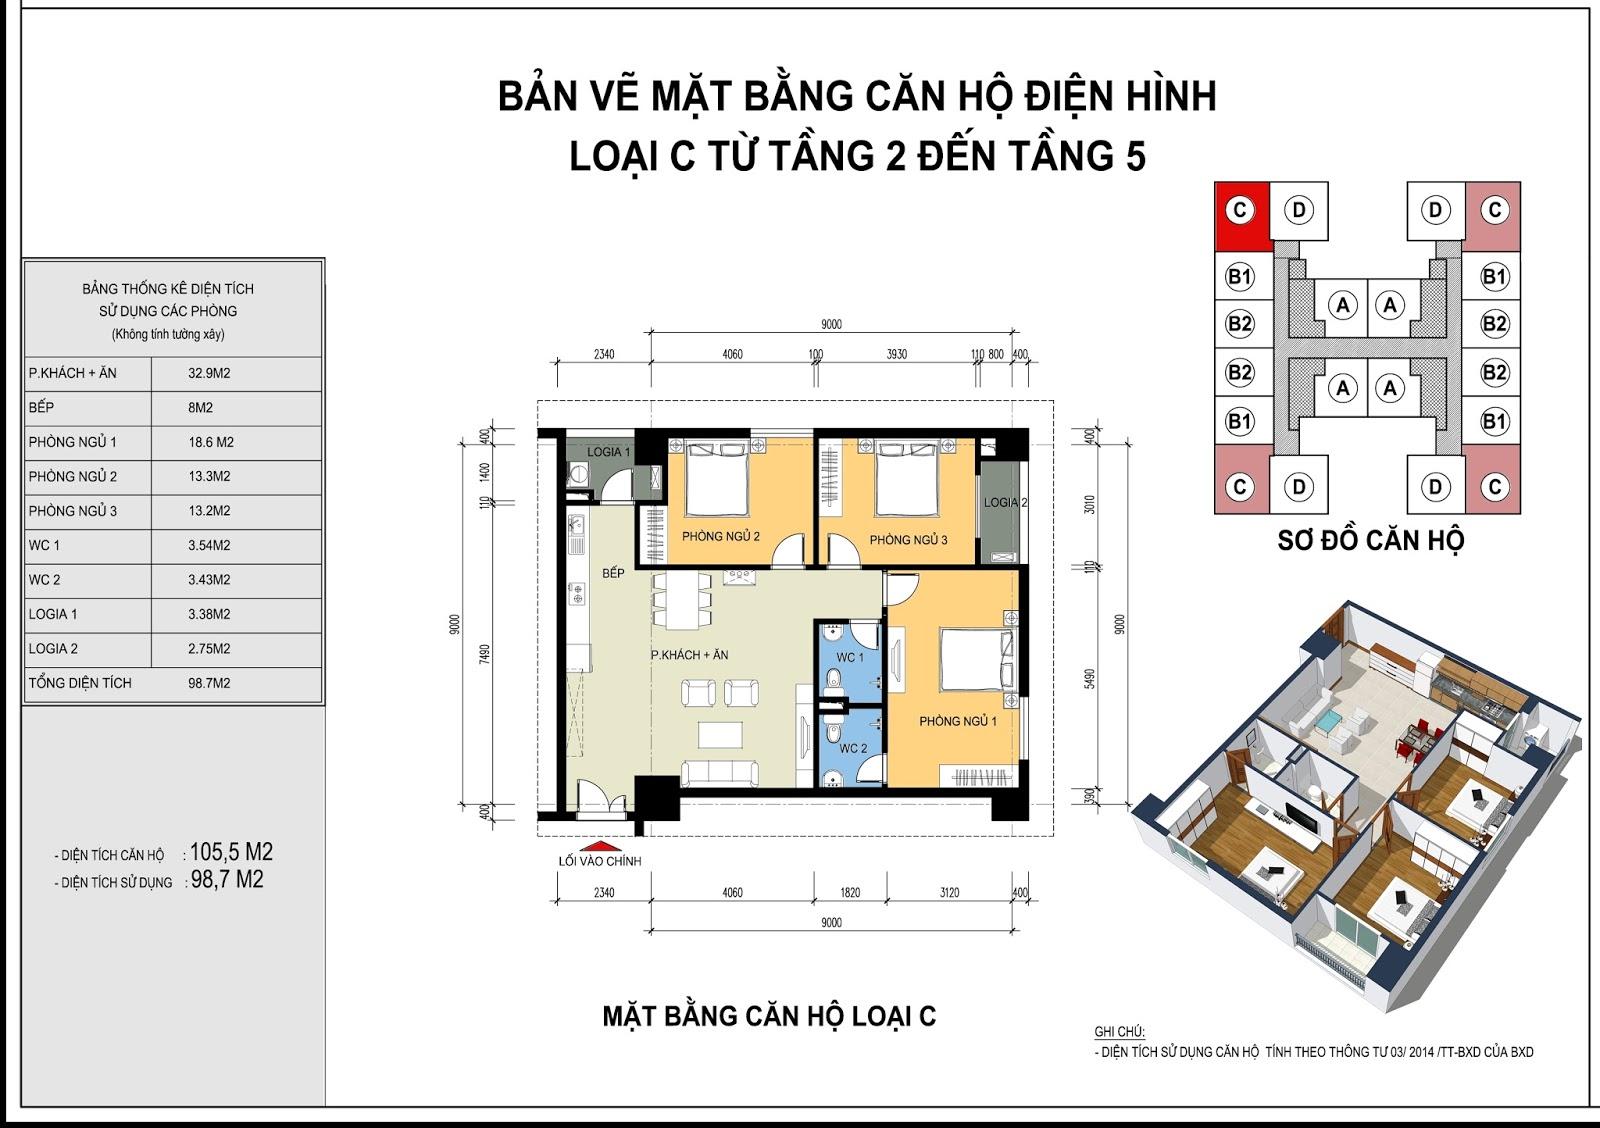 Mặt bằng căn hộ điển hình loại C từ tầng 2 - 15